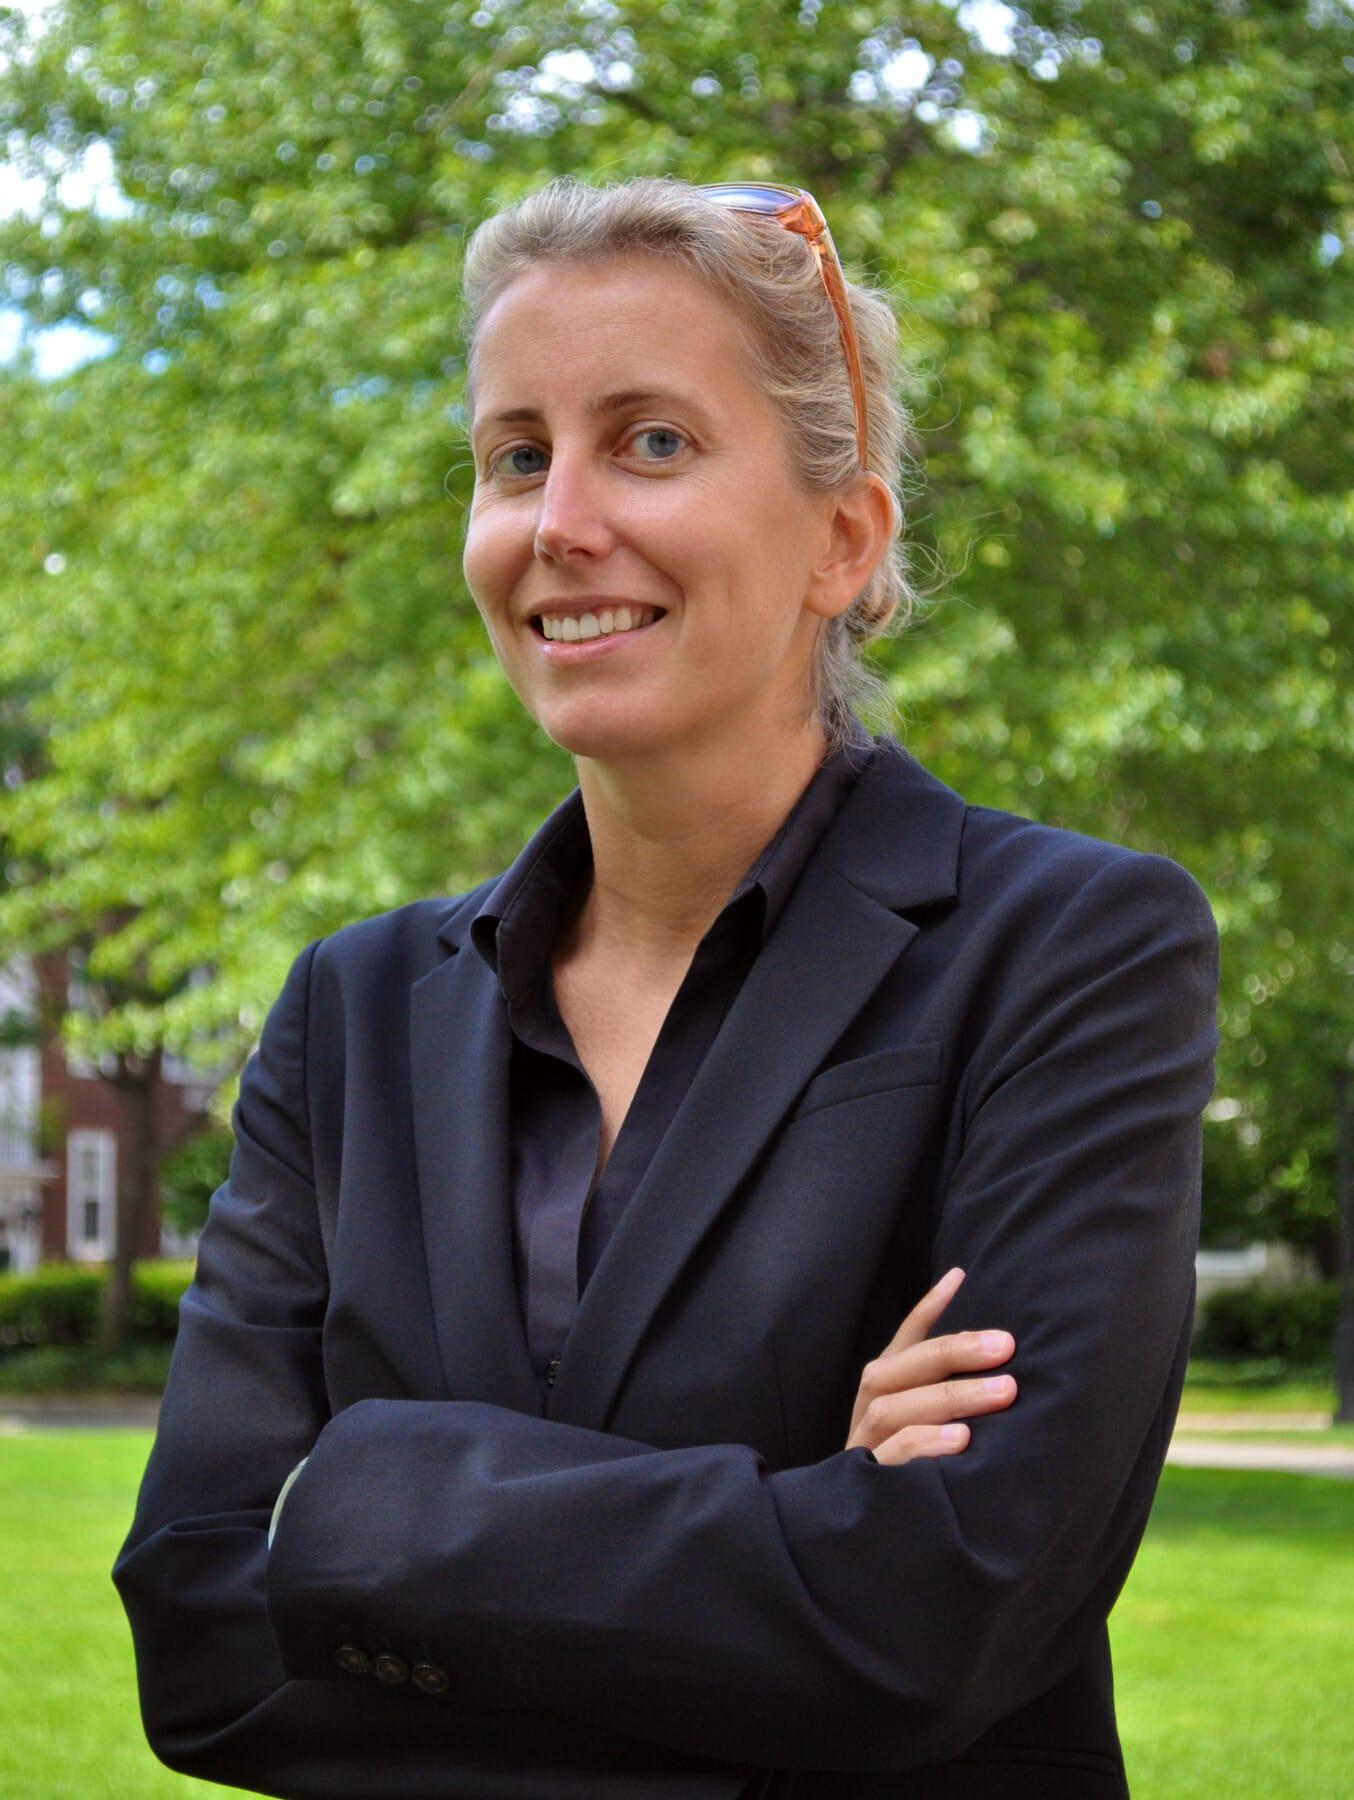 Anita Elberse